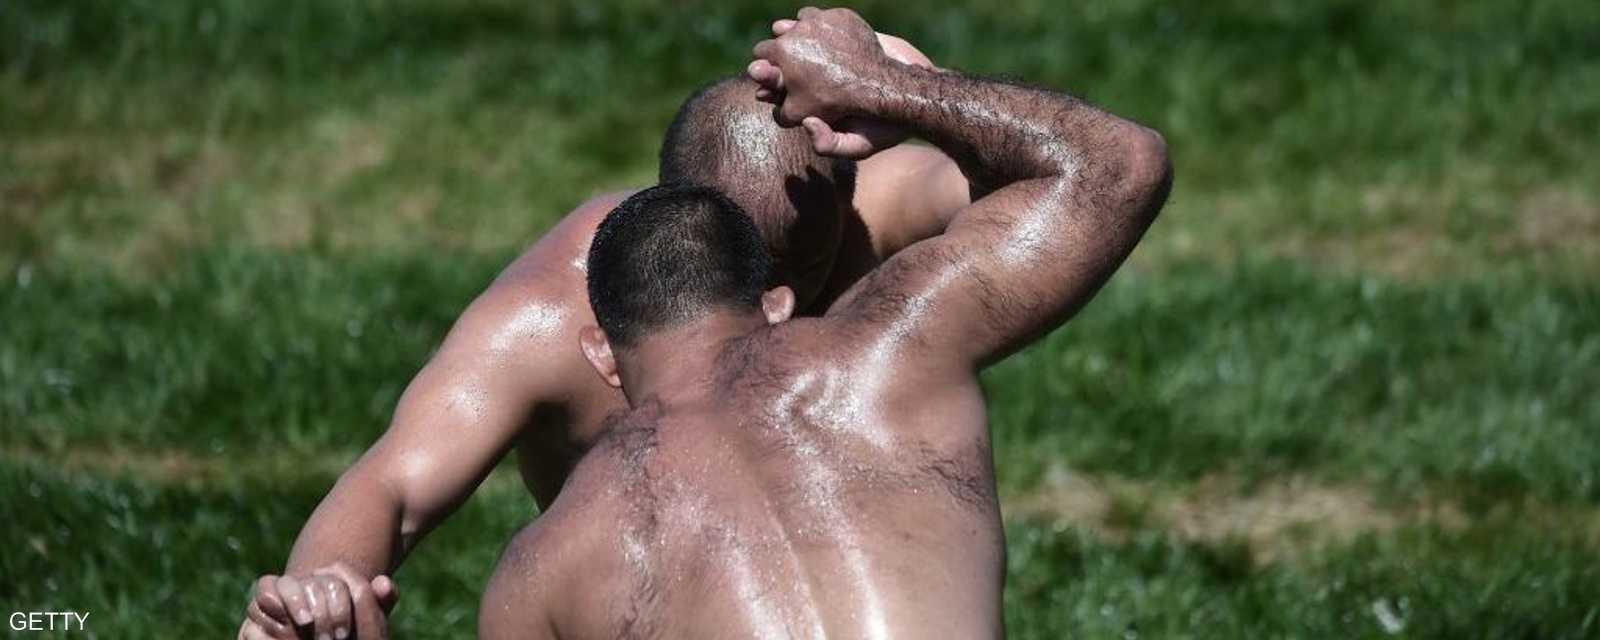 يمارس الأتراك هذه الرياضة منذ ما يقارب السبعة قرون